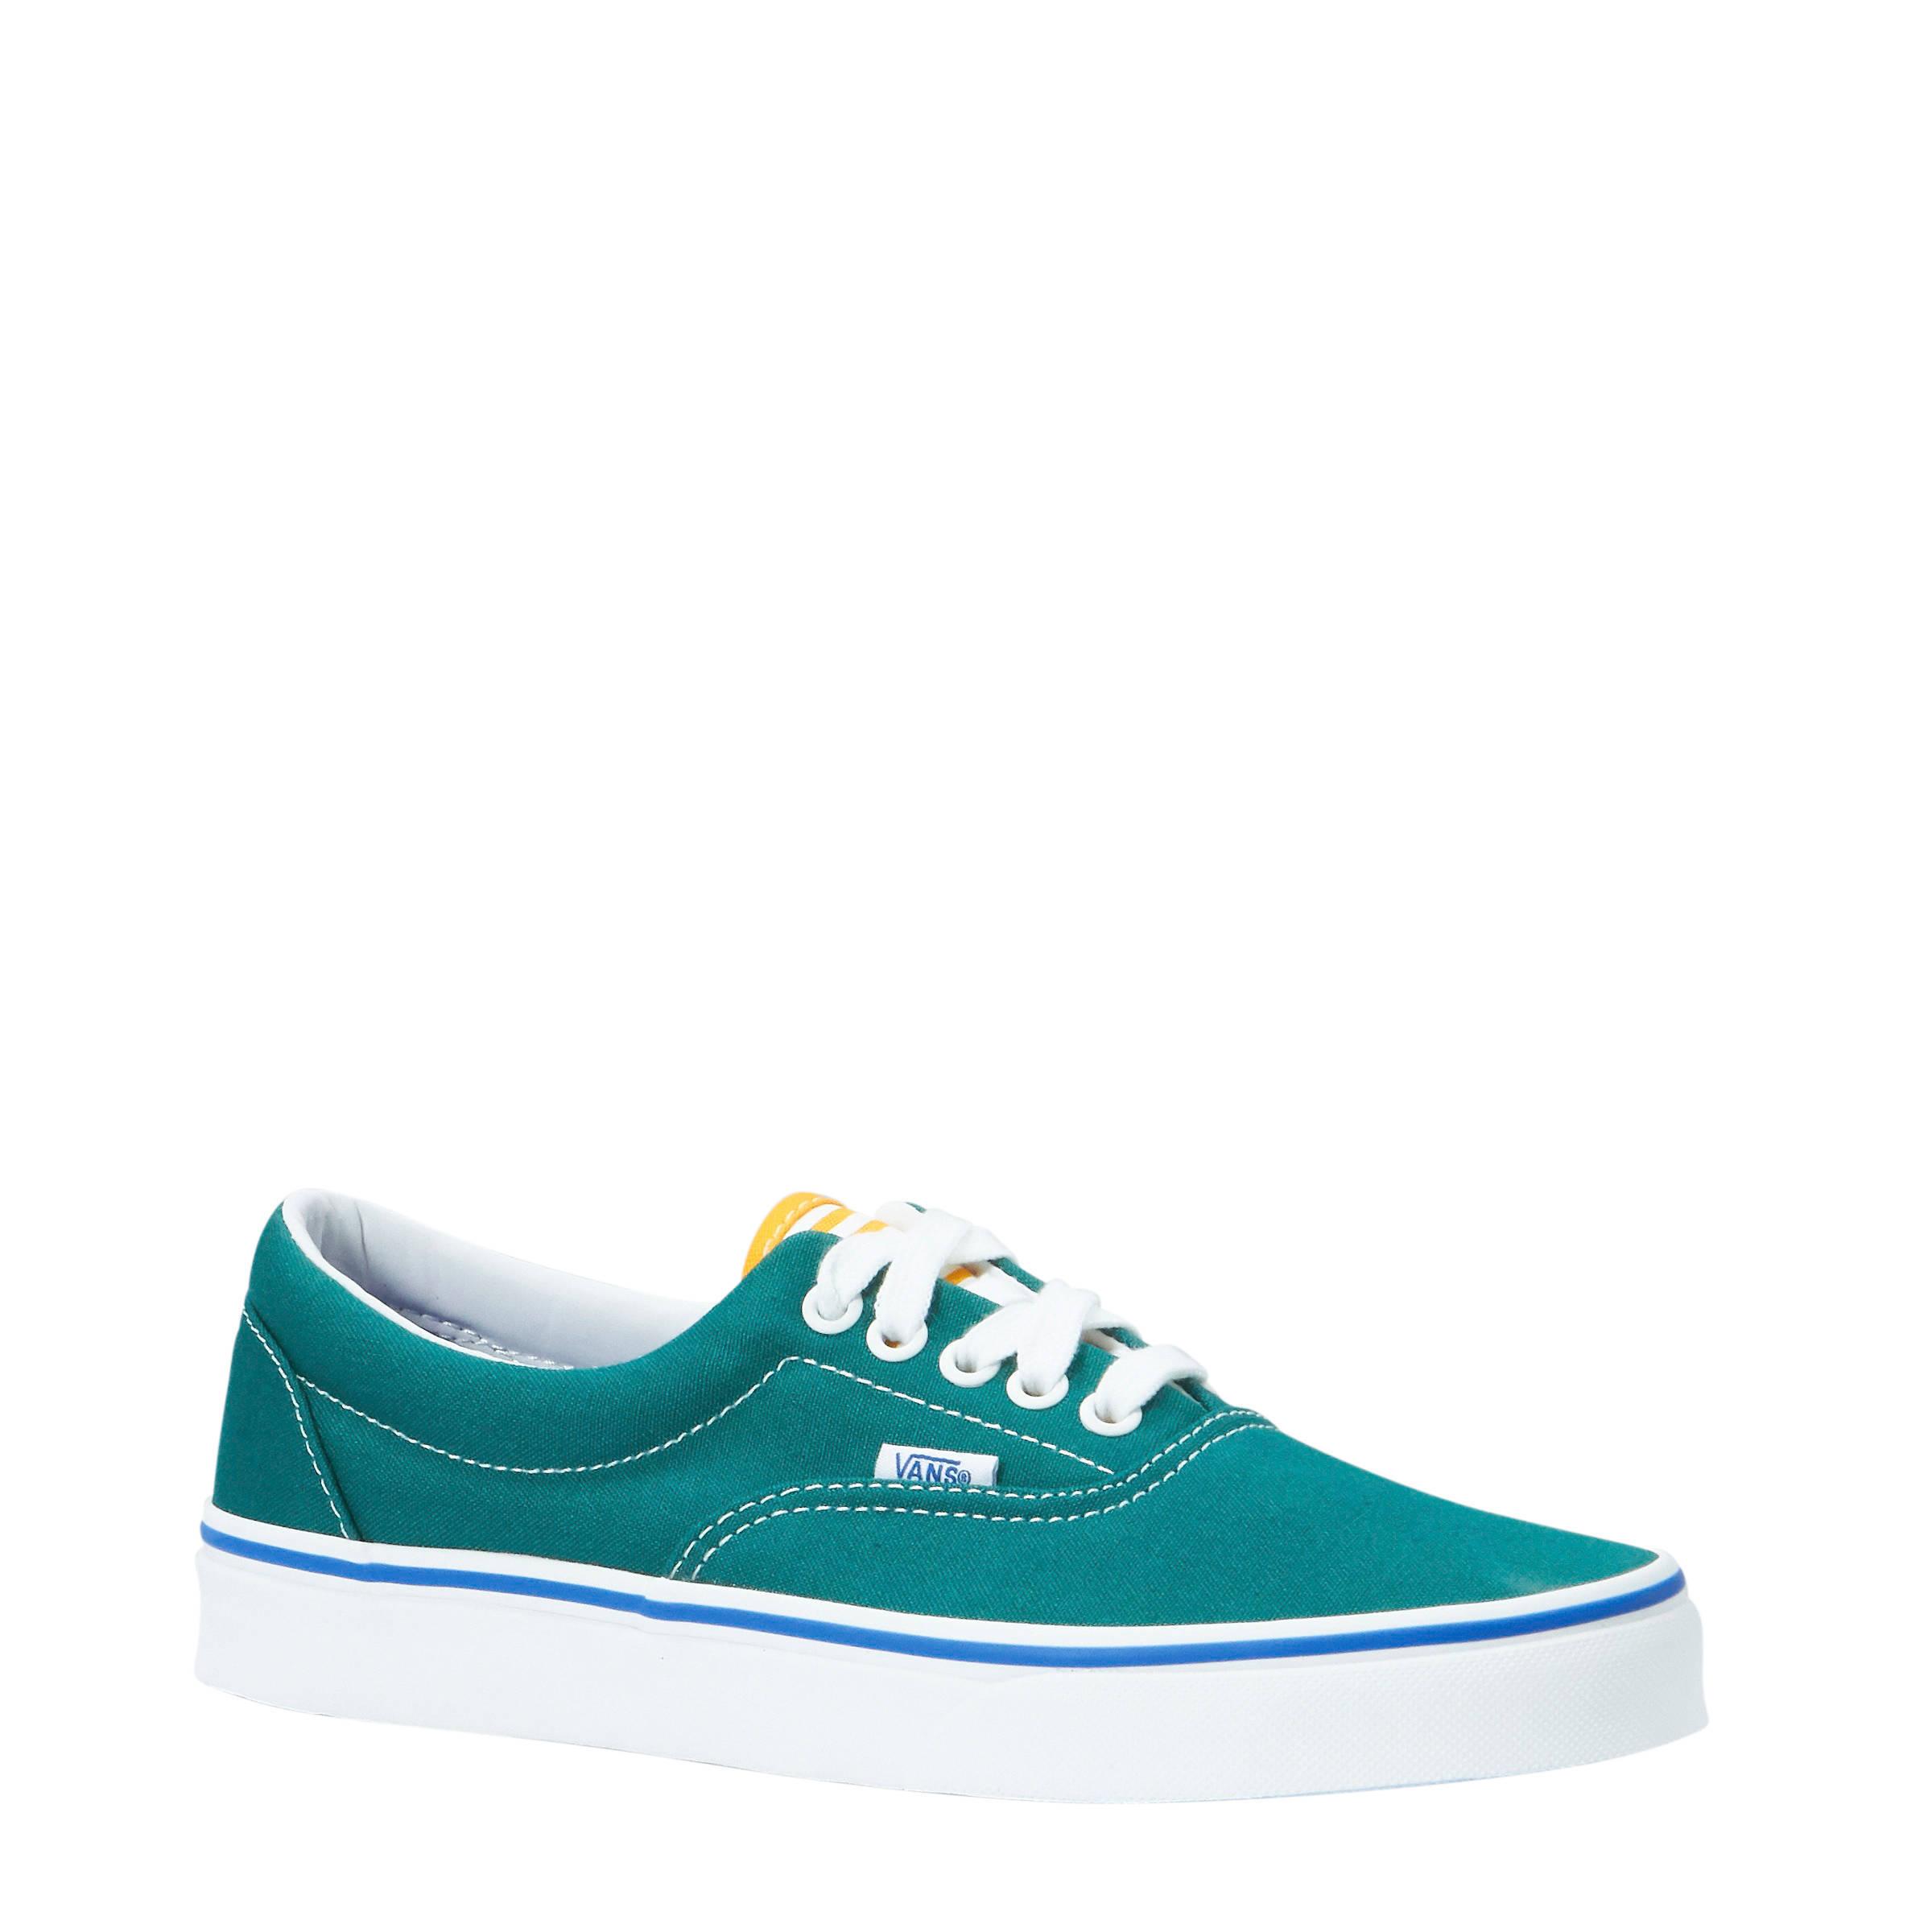 vans groen wit